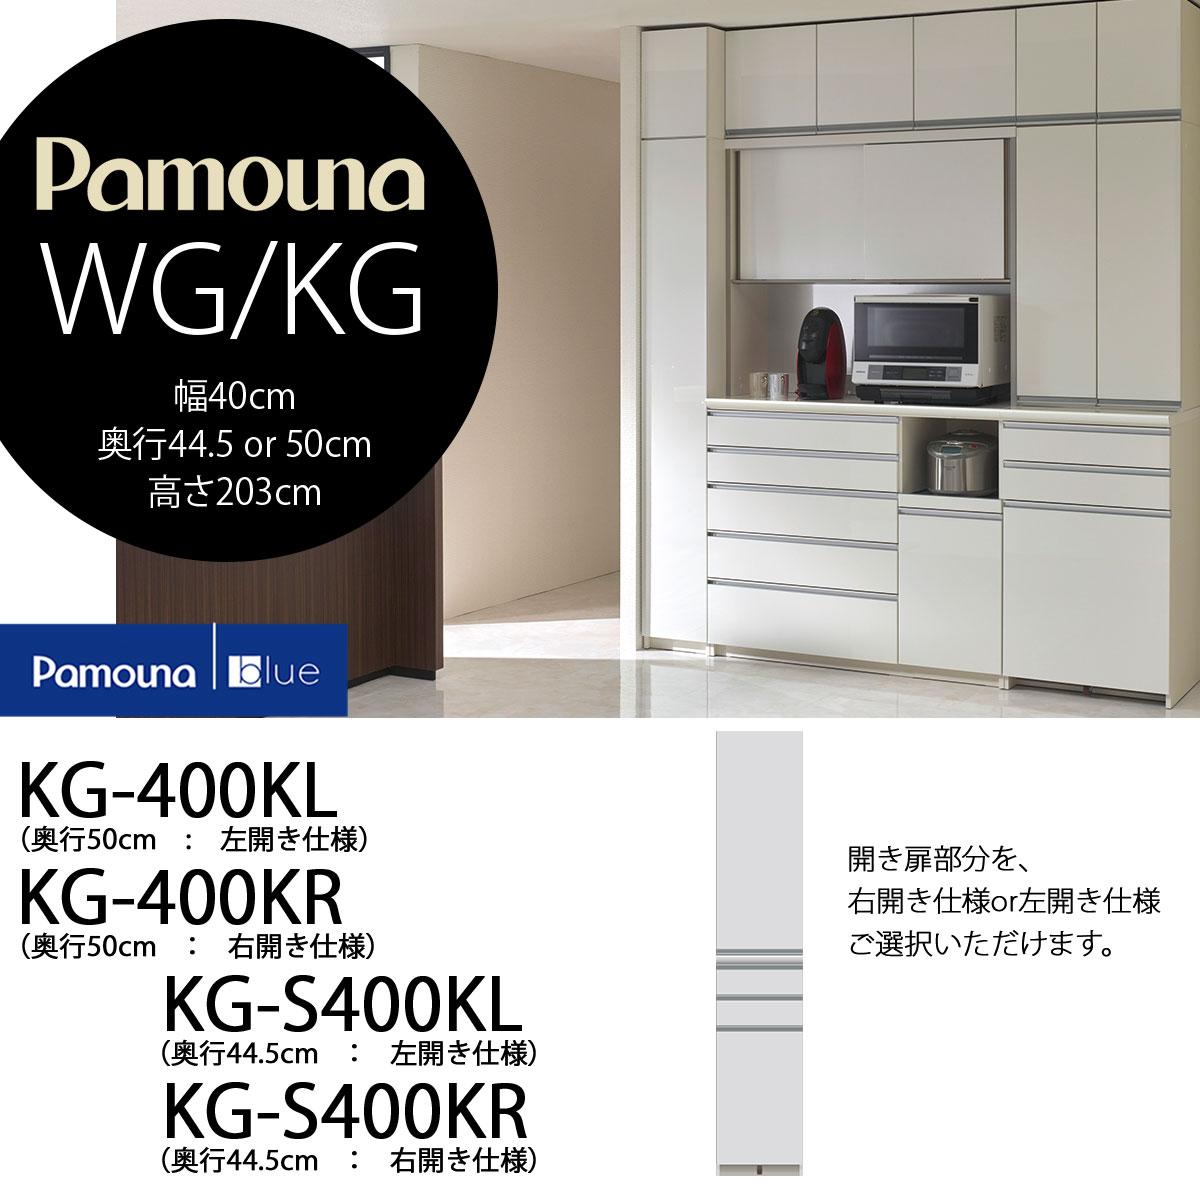 食器棚 パモウナ ハイカウンター WG/KG KG-S400KR KG-400KR KG-S400KL KG-400KL 【幅40×高さ203cm】 パールホワイト pamouna